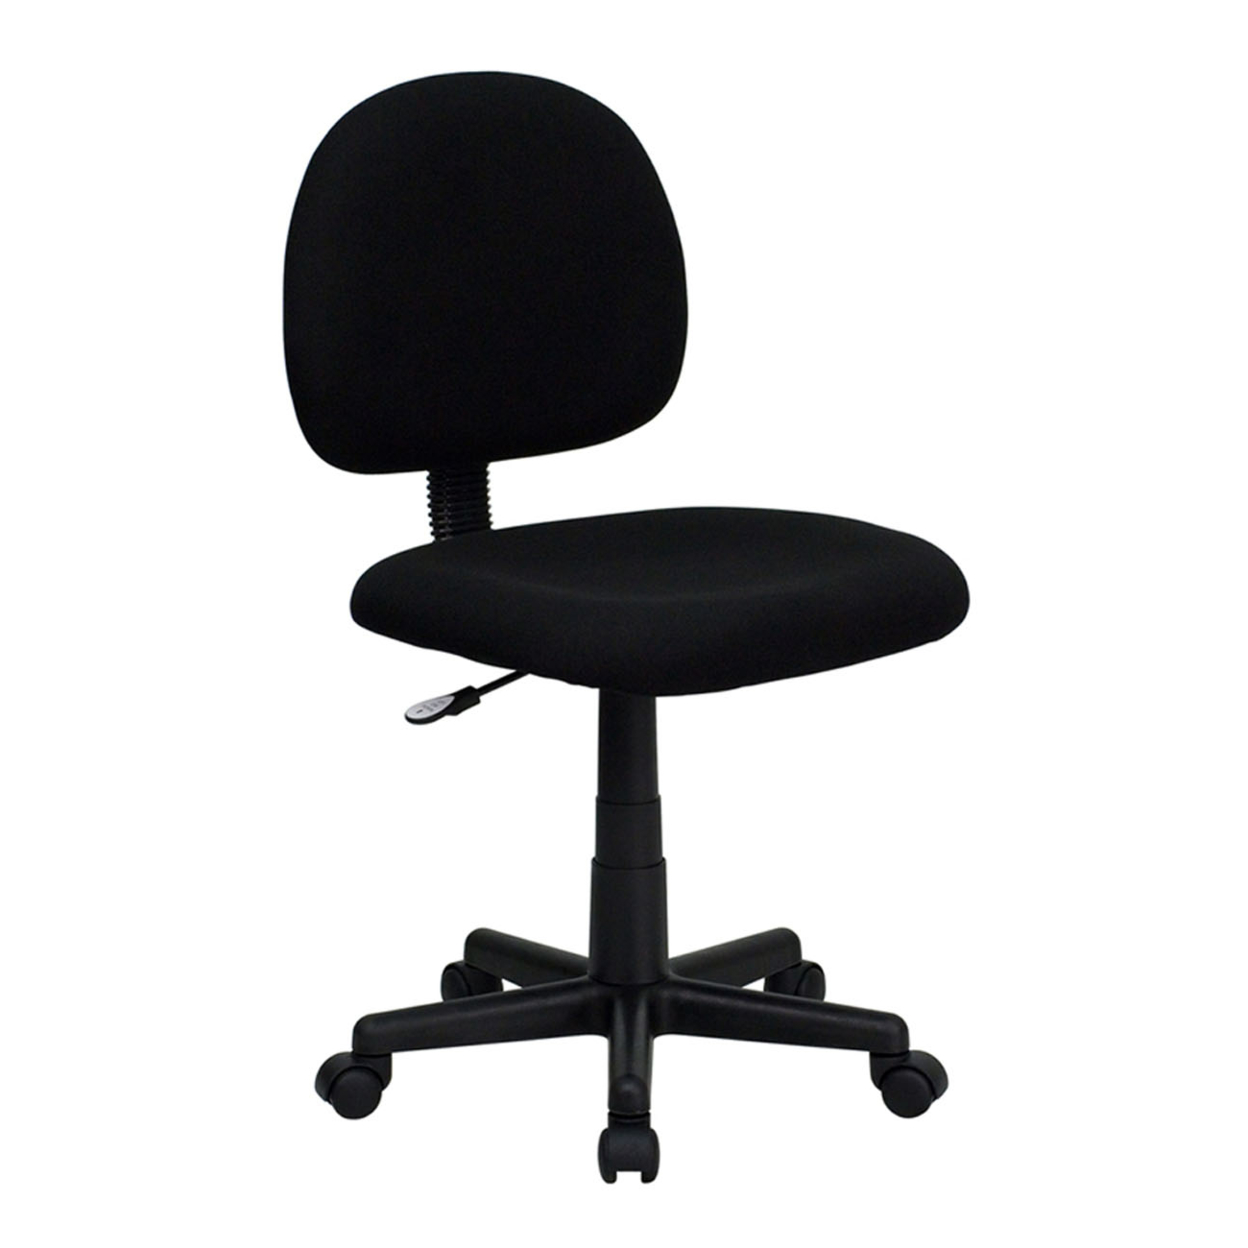 Flash мебель-Эргономичная спинка черная ткань стул [863-BT-660-BK-GG] ...